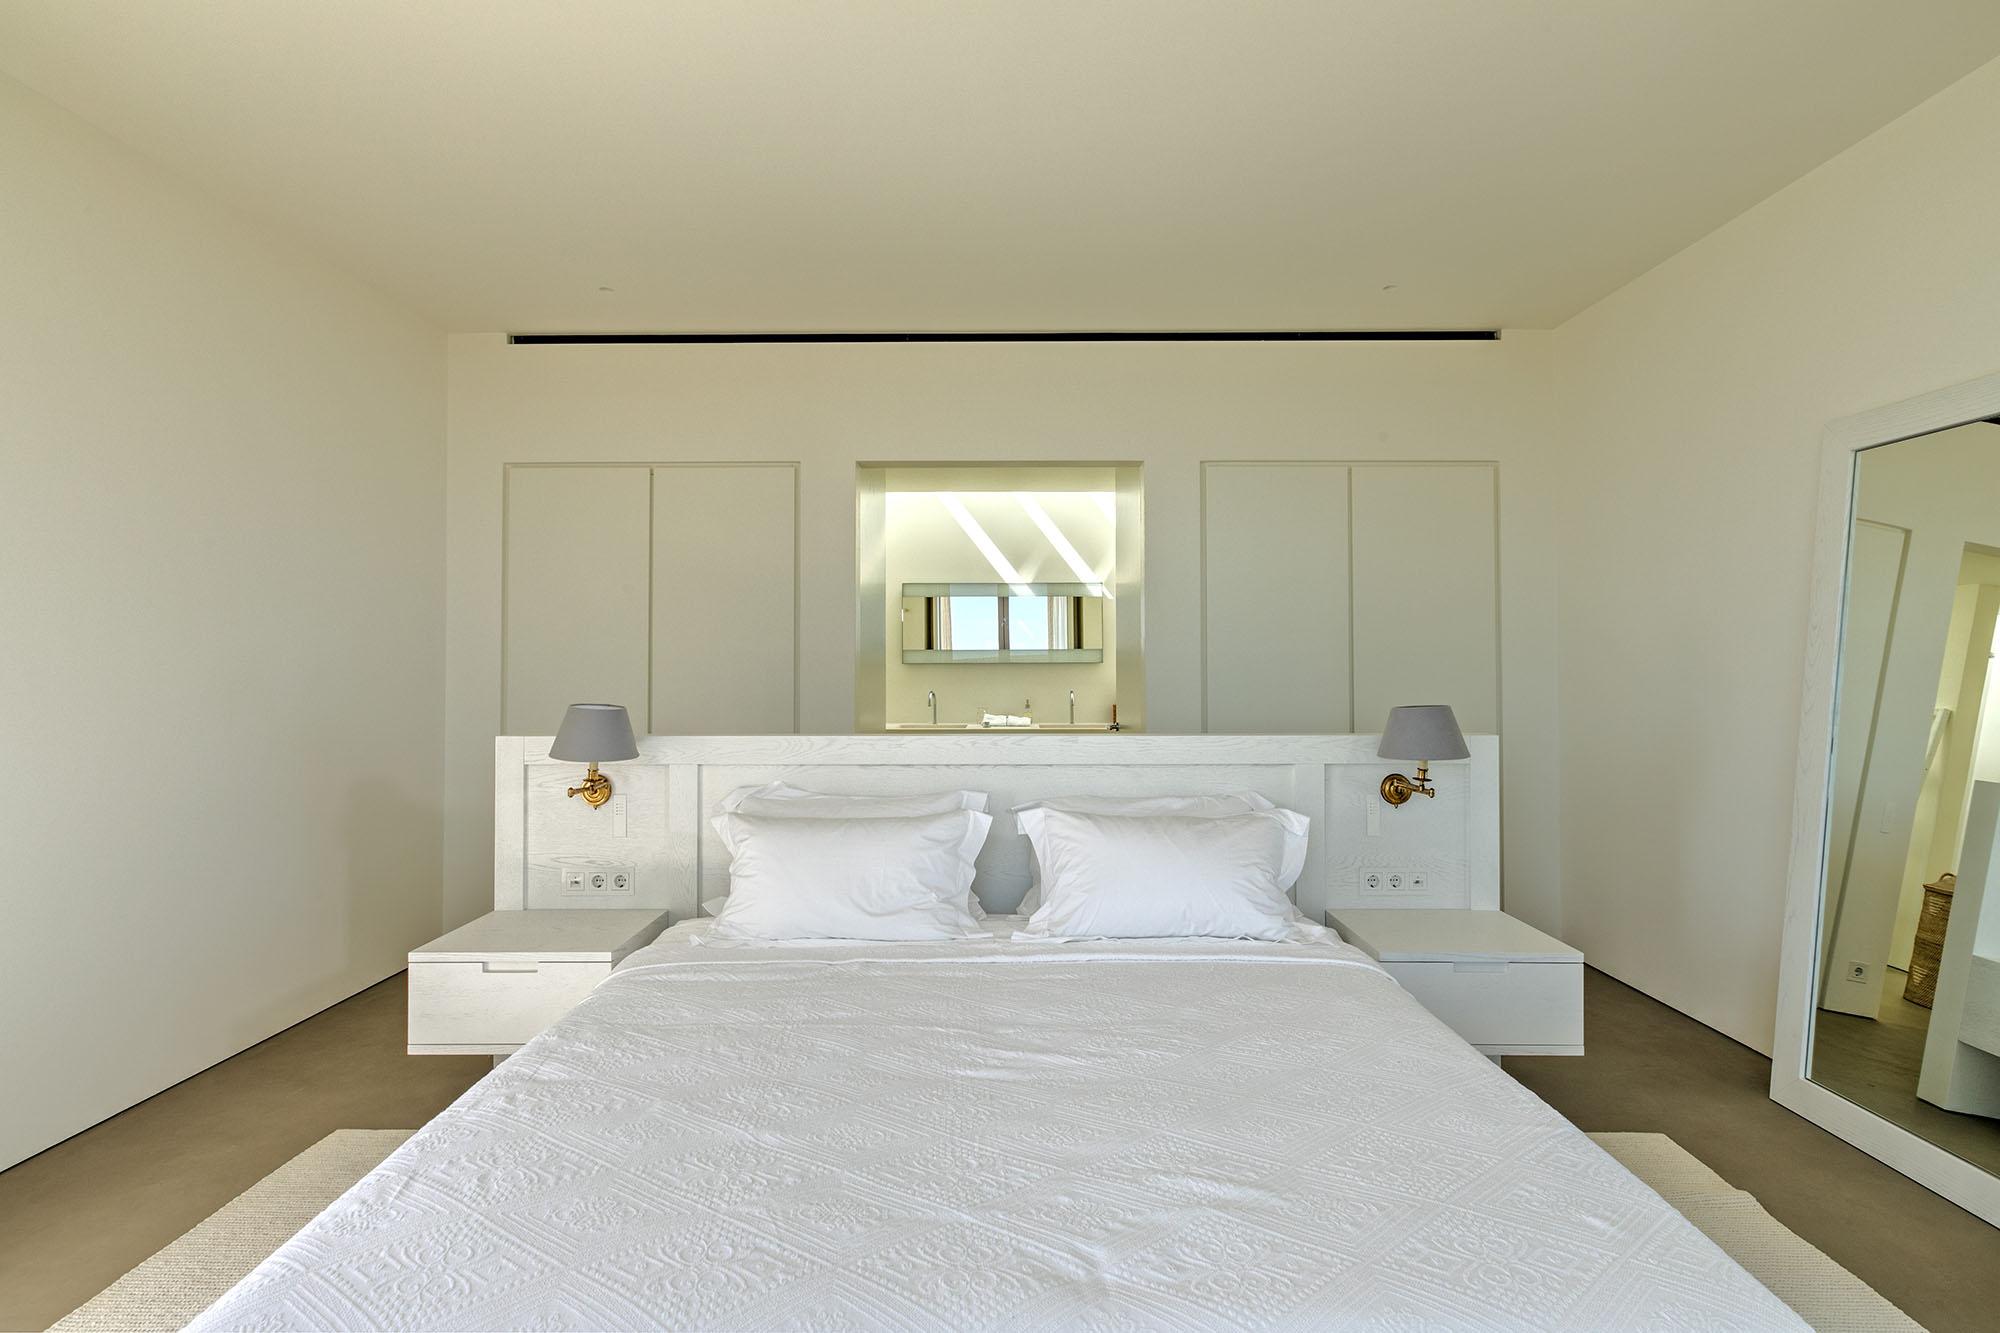 Lori Wall Bed